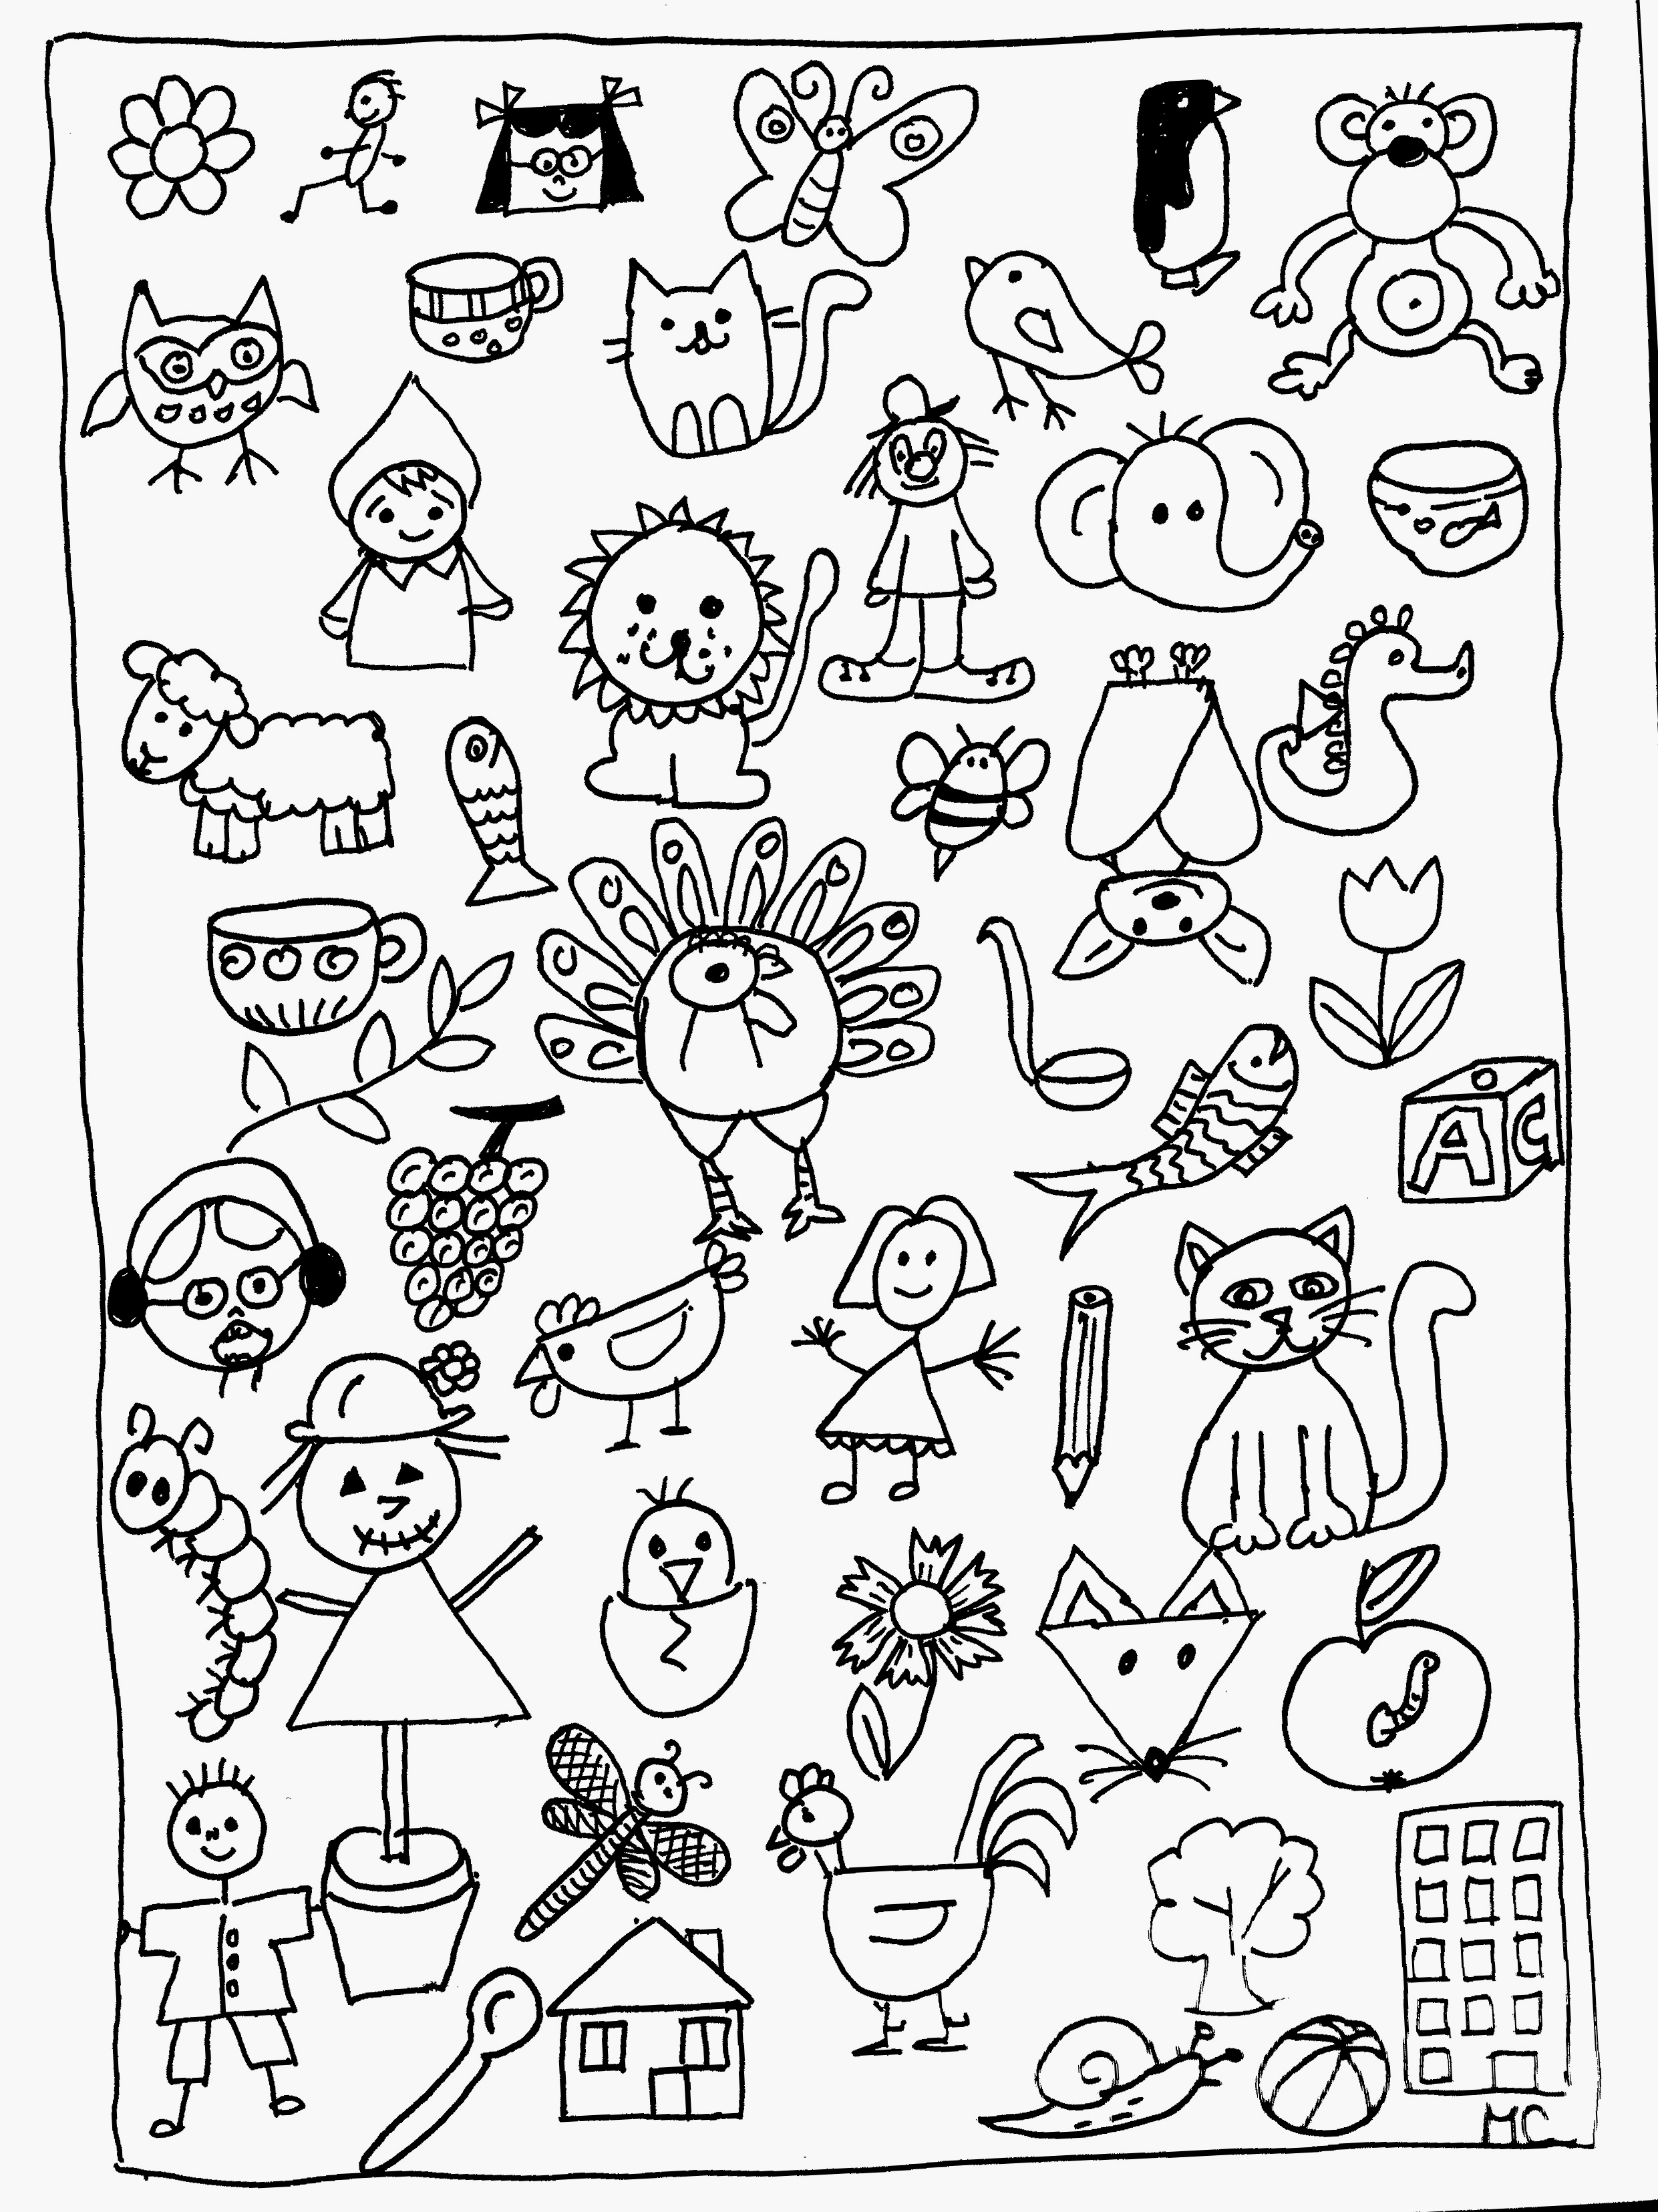 Coloriages à imprimer : Zhu Zhu Pets, numéro : 4a64cc13